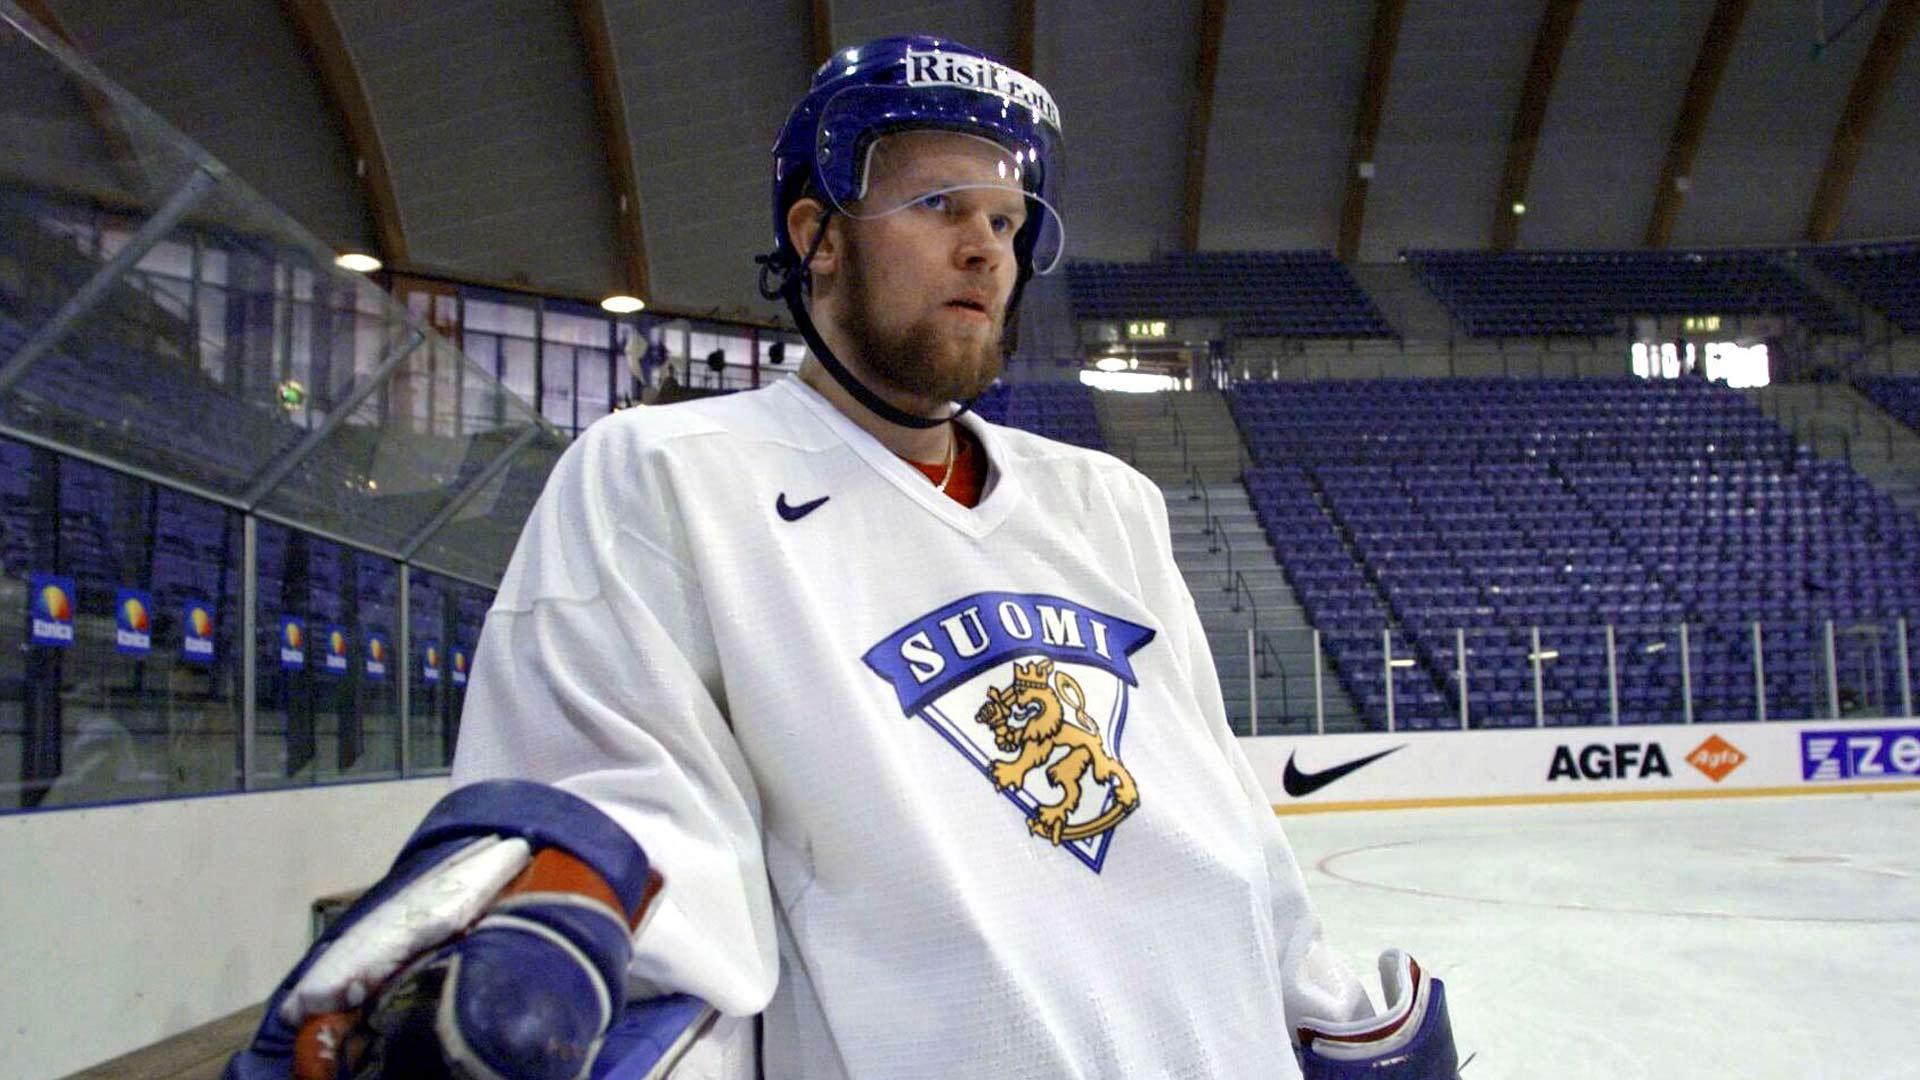 Keväällä 1999 Jere Karalahti pelasi MM-kisoissa. Leijonien tuliaisena Lillehammerista oli MM-hopea.